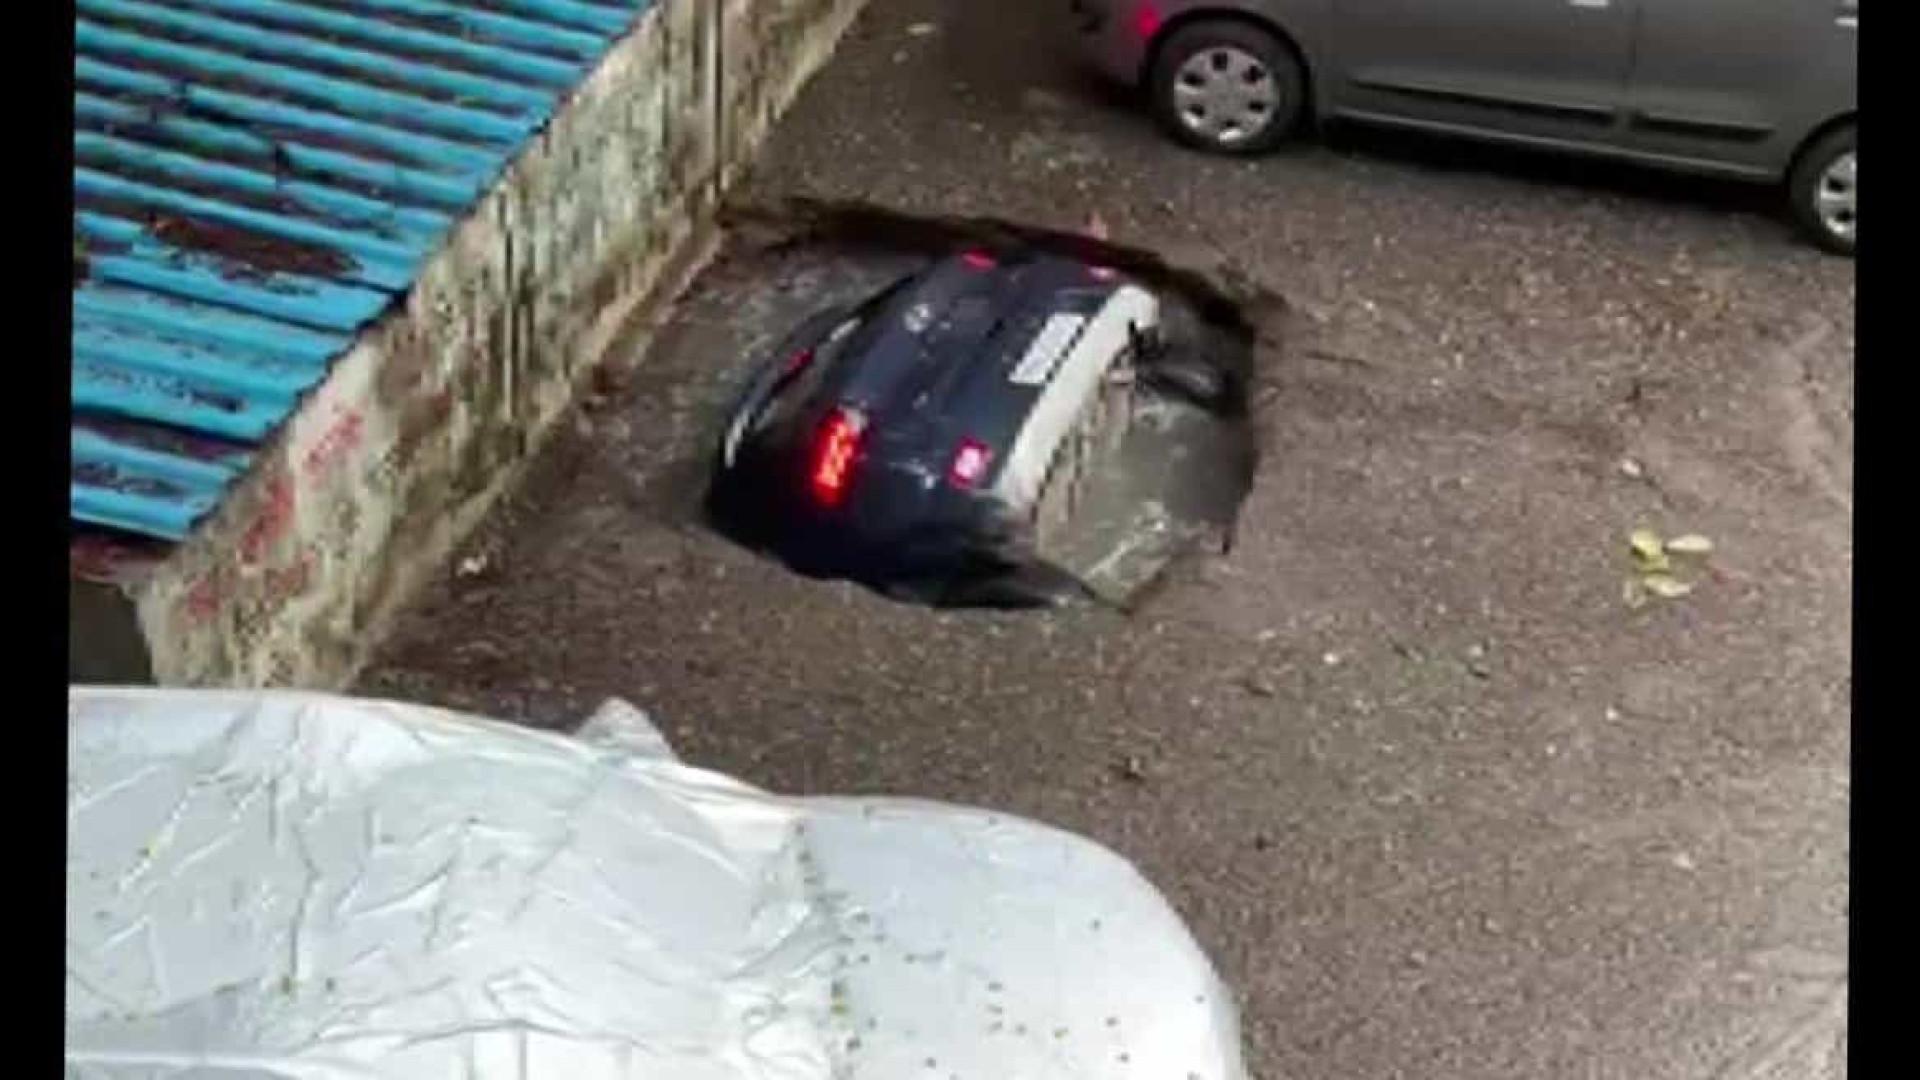 Laje cede e carro é 'engolido' em segundos na Índia; veja!